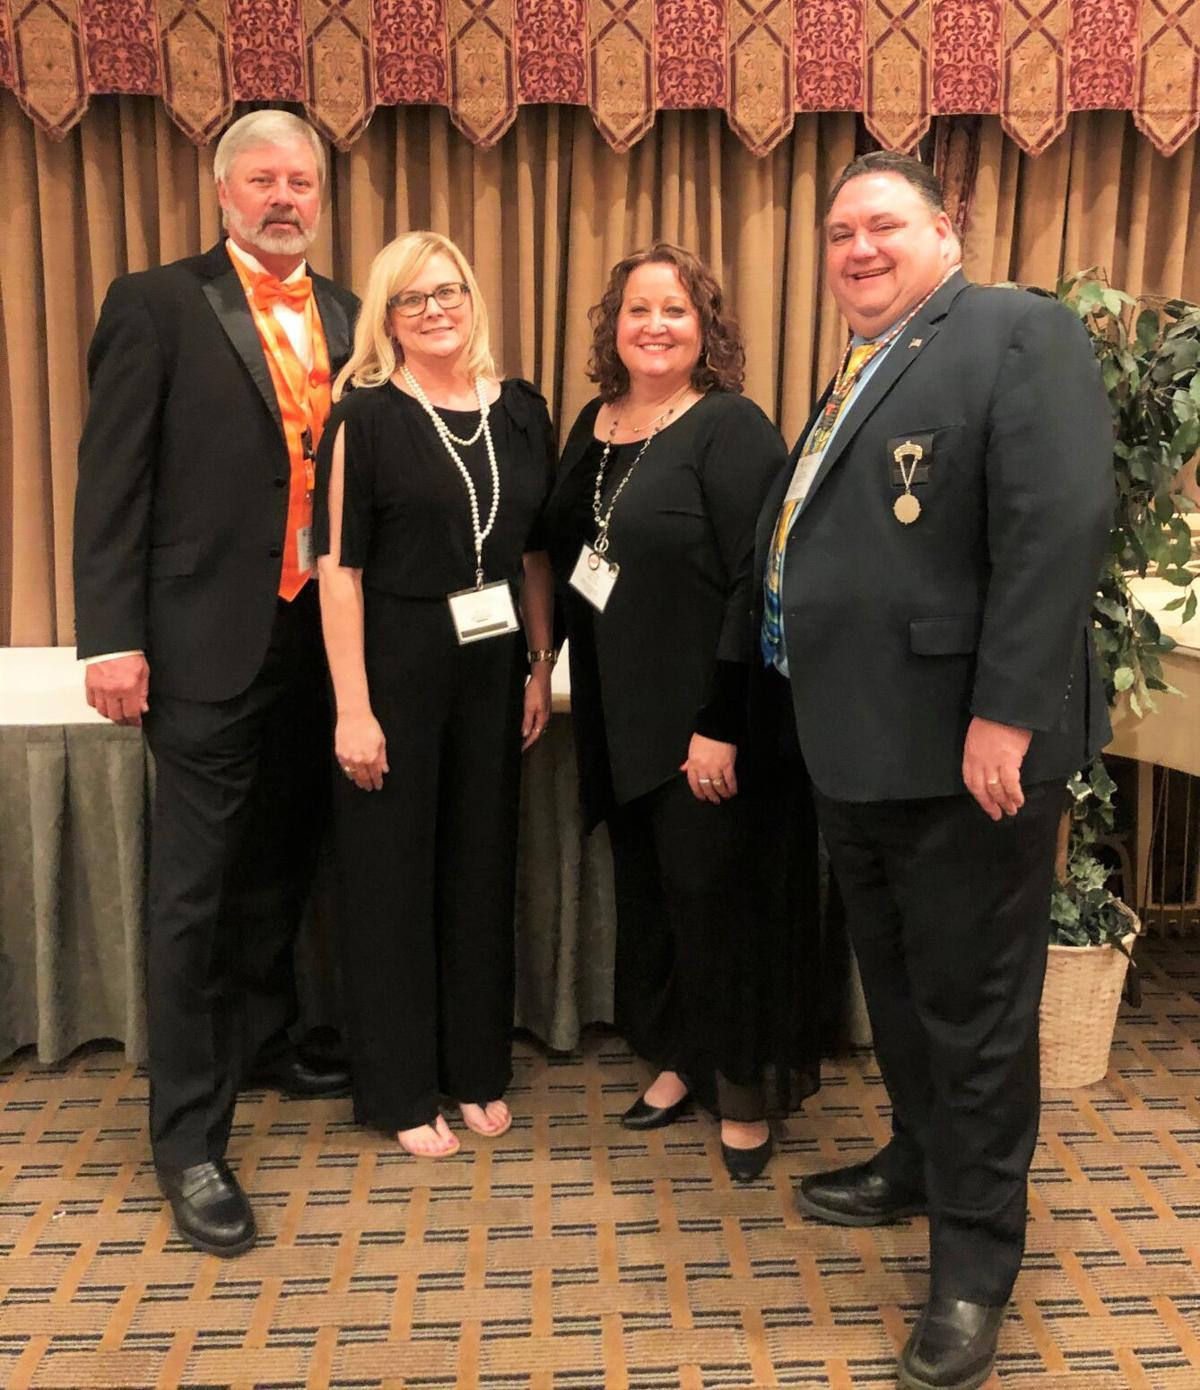 Mac Kidd elected state president of Elks